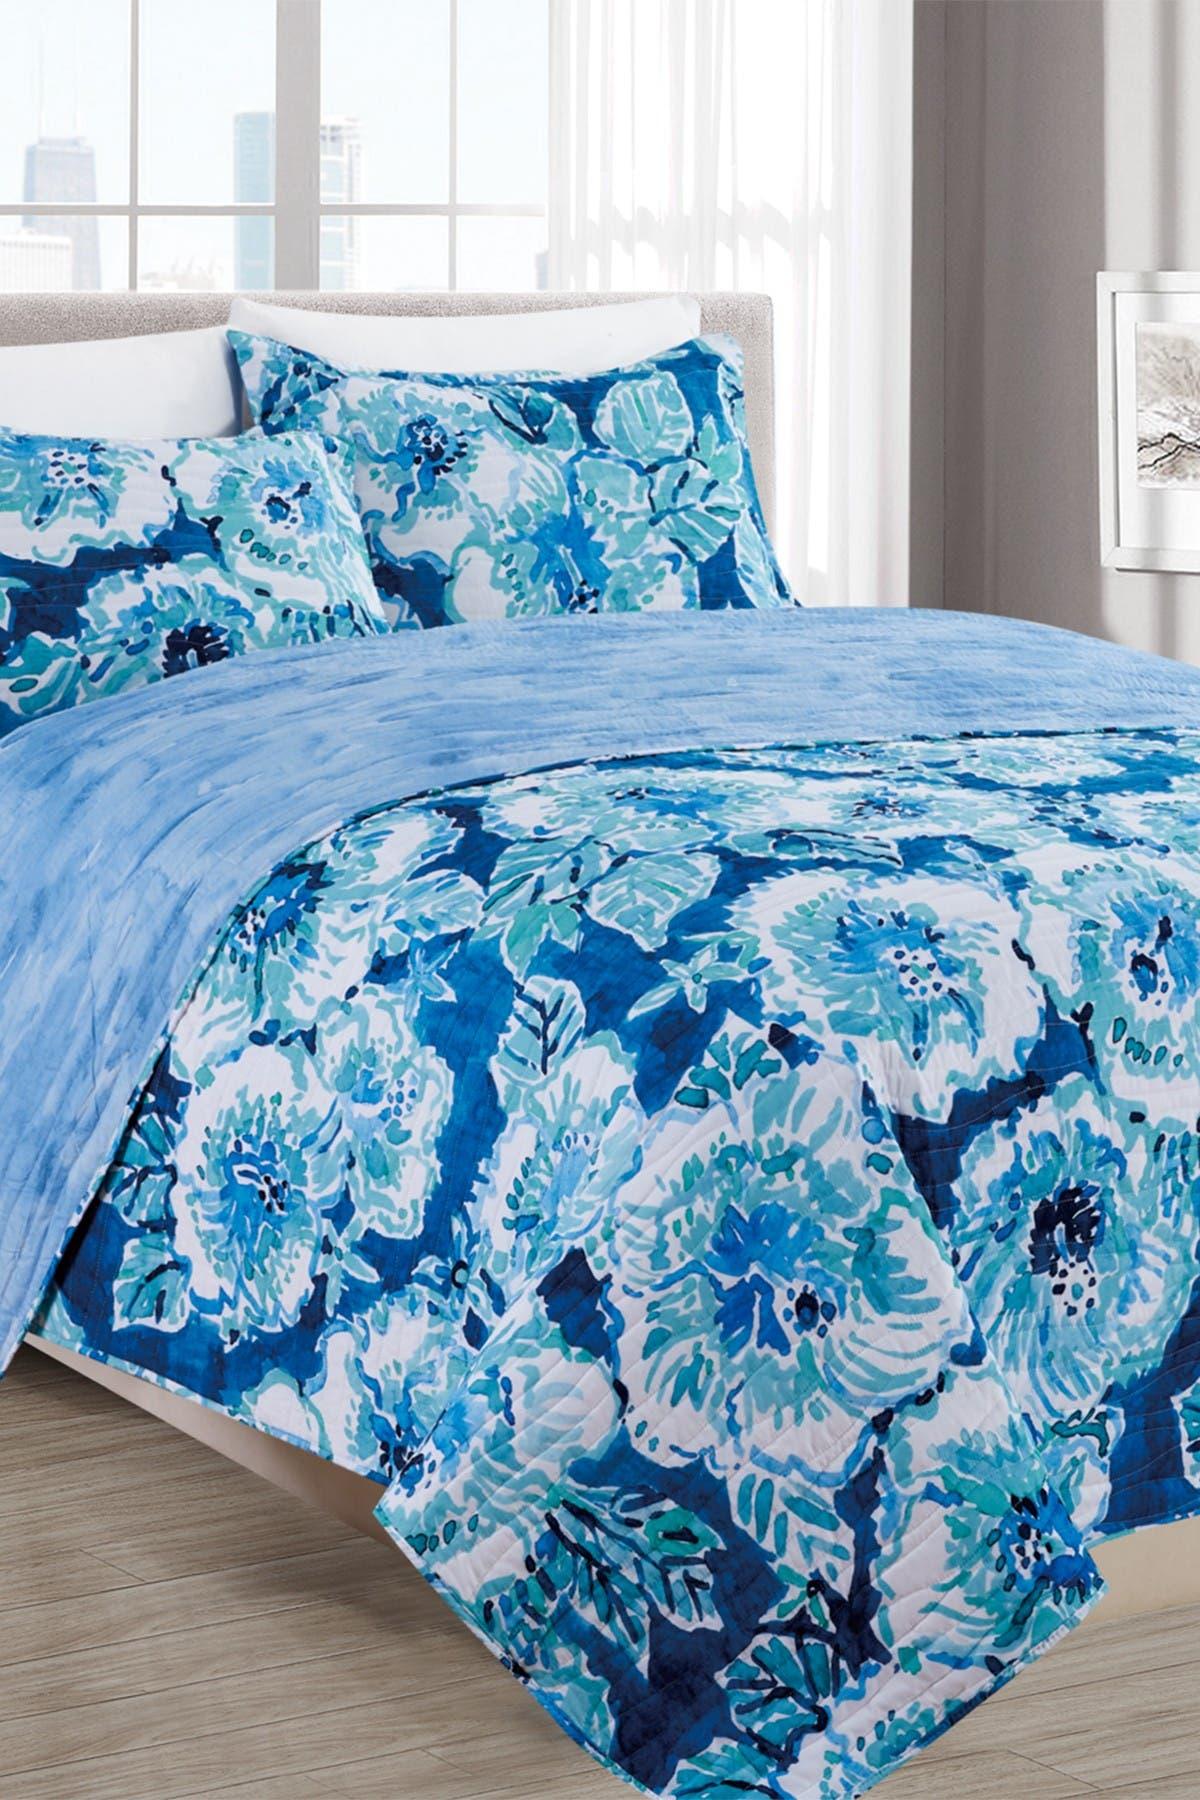 Image of Melange Home Hibiscus Bounty Quilt 3-Piece Set - Full/Queen